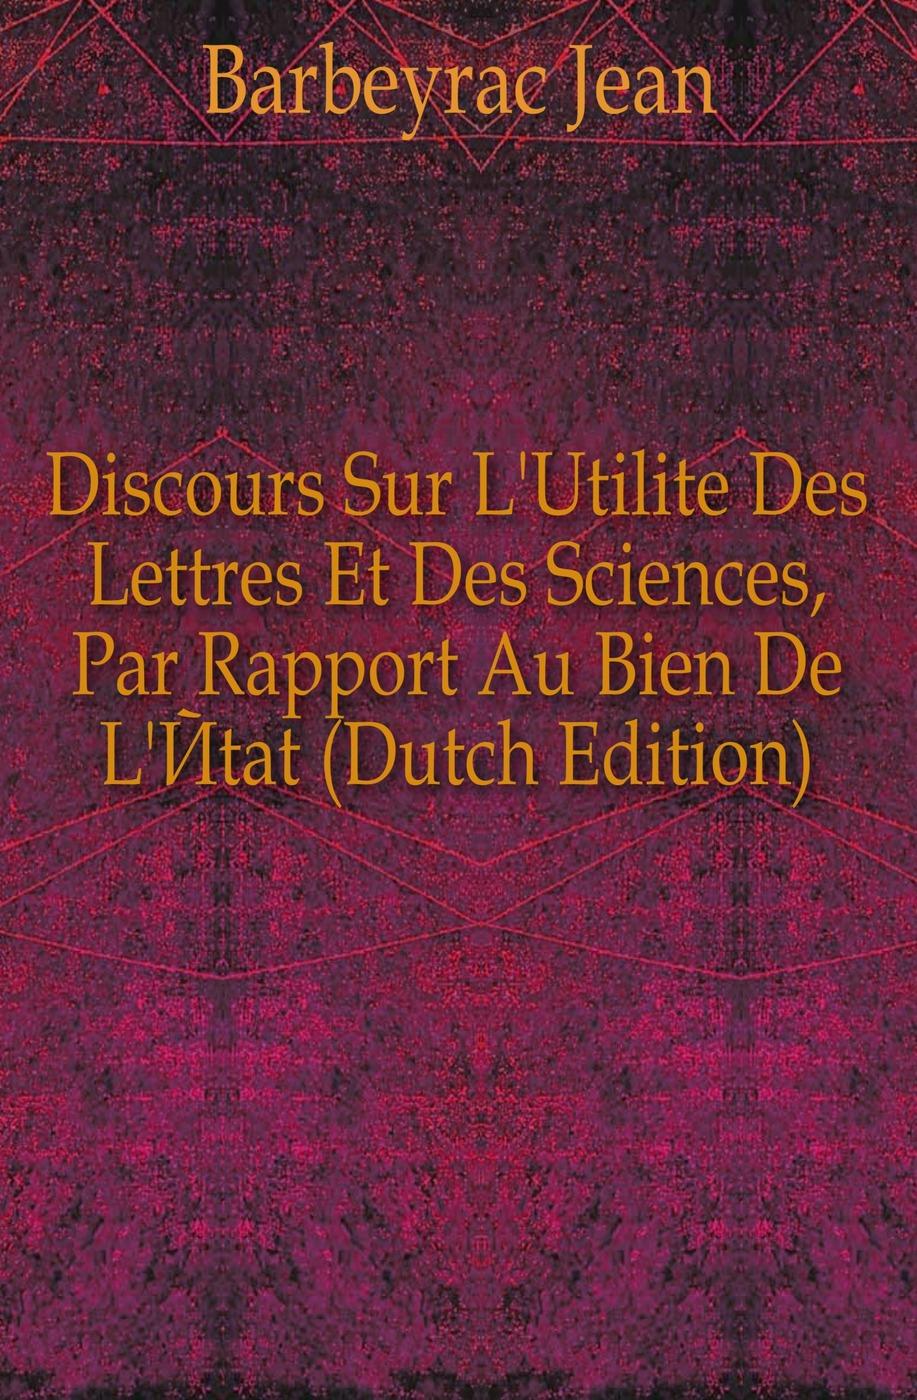 Discours Sur L'Utilite Des Lettres Et Des Sciences, Par Rapport Au Bien De L'Etat (Dutch Edition)